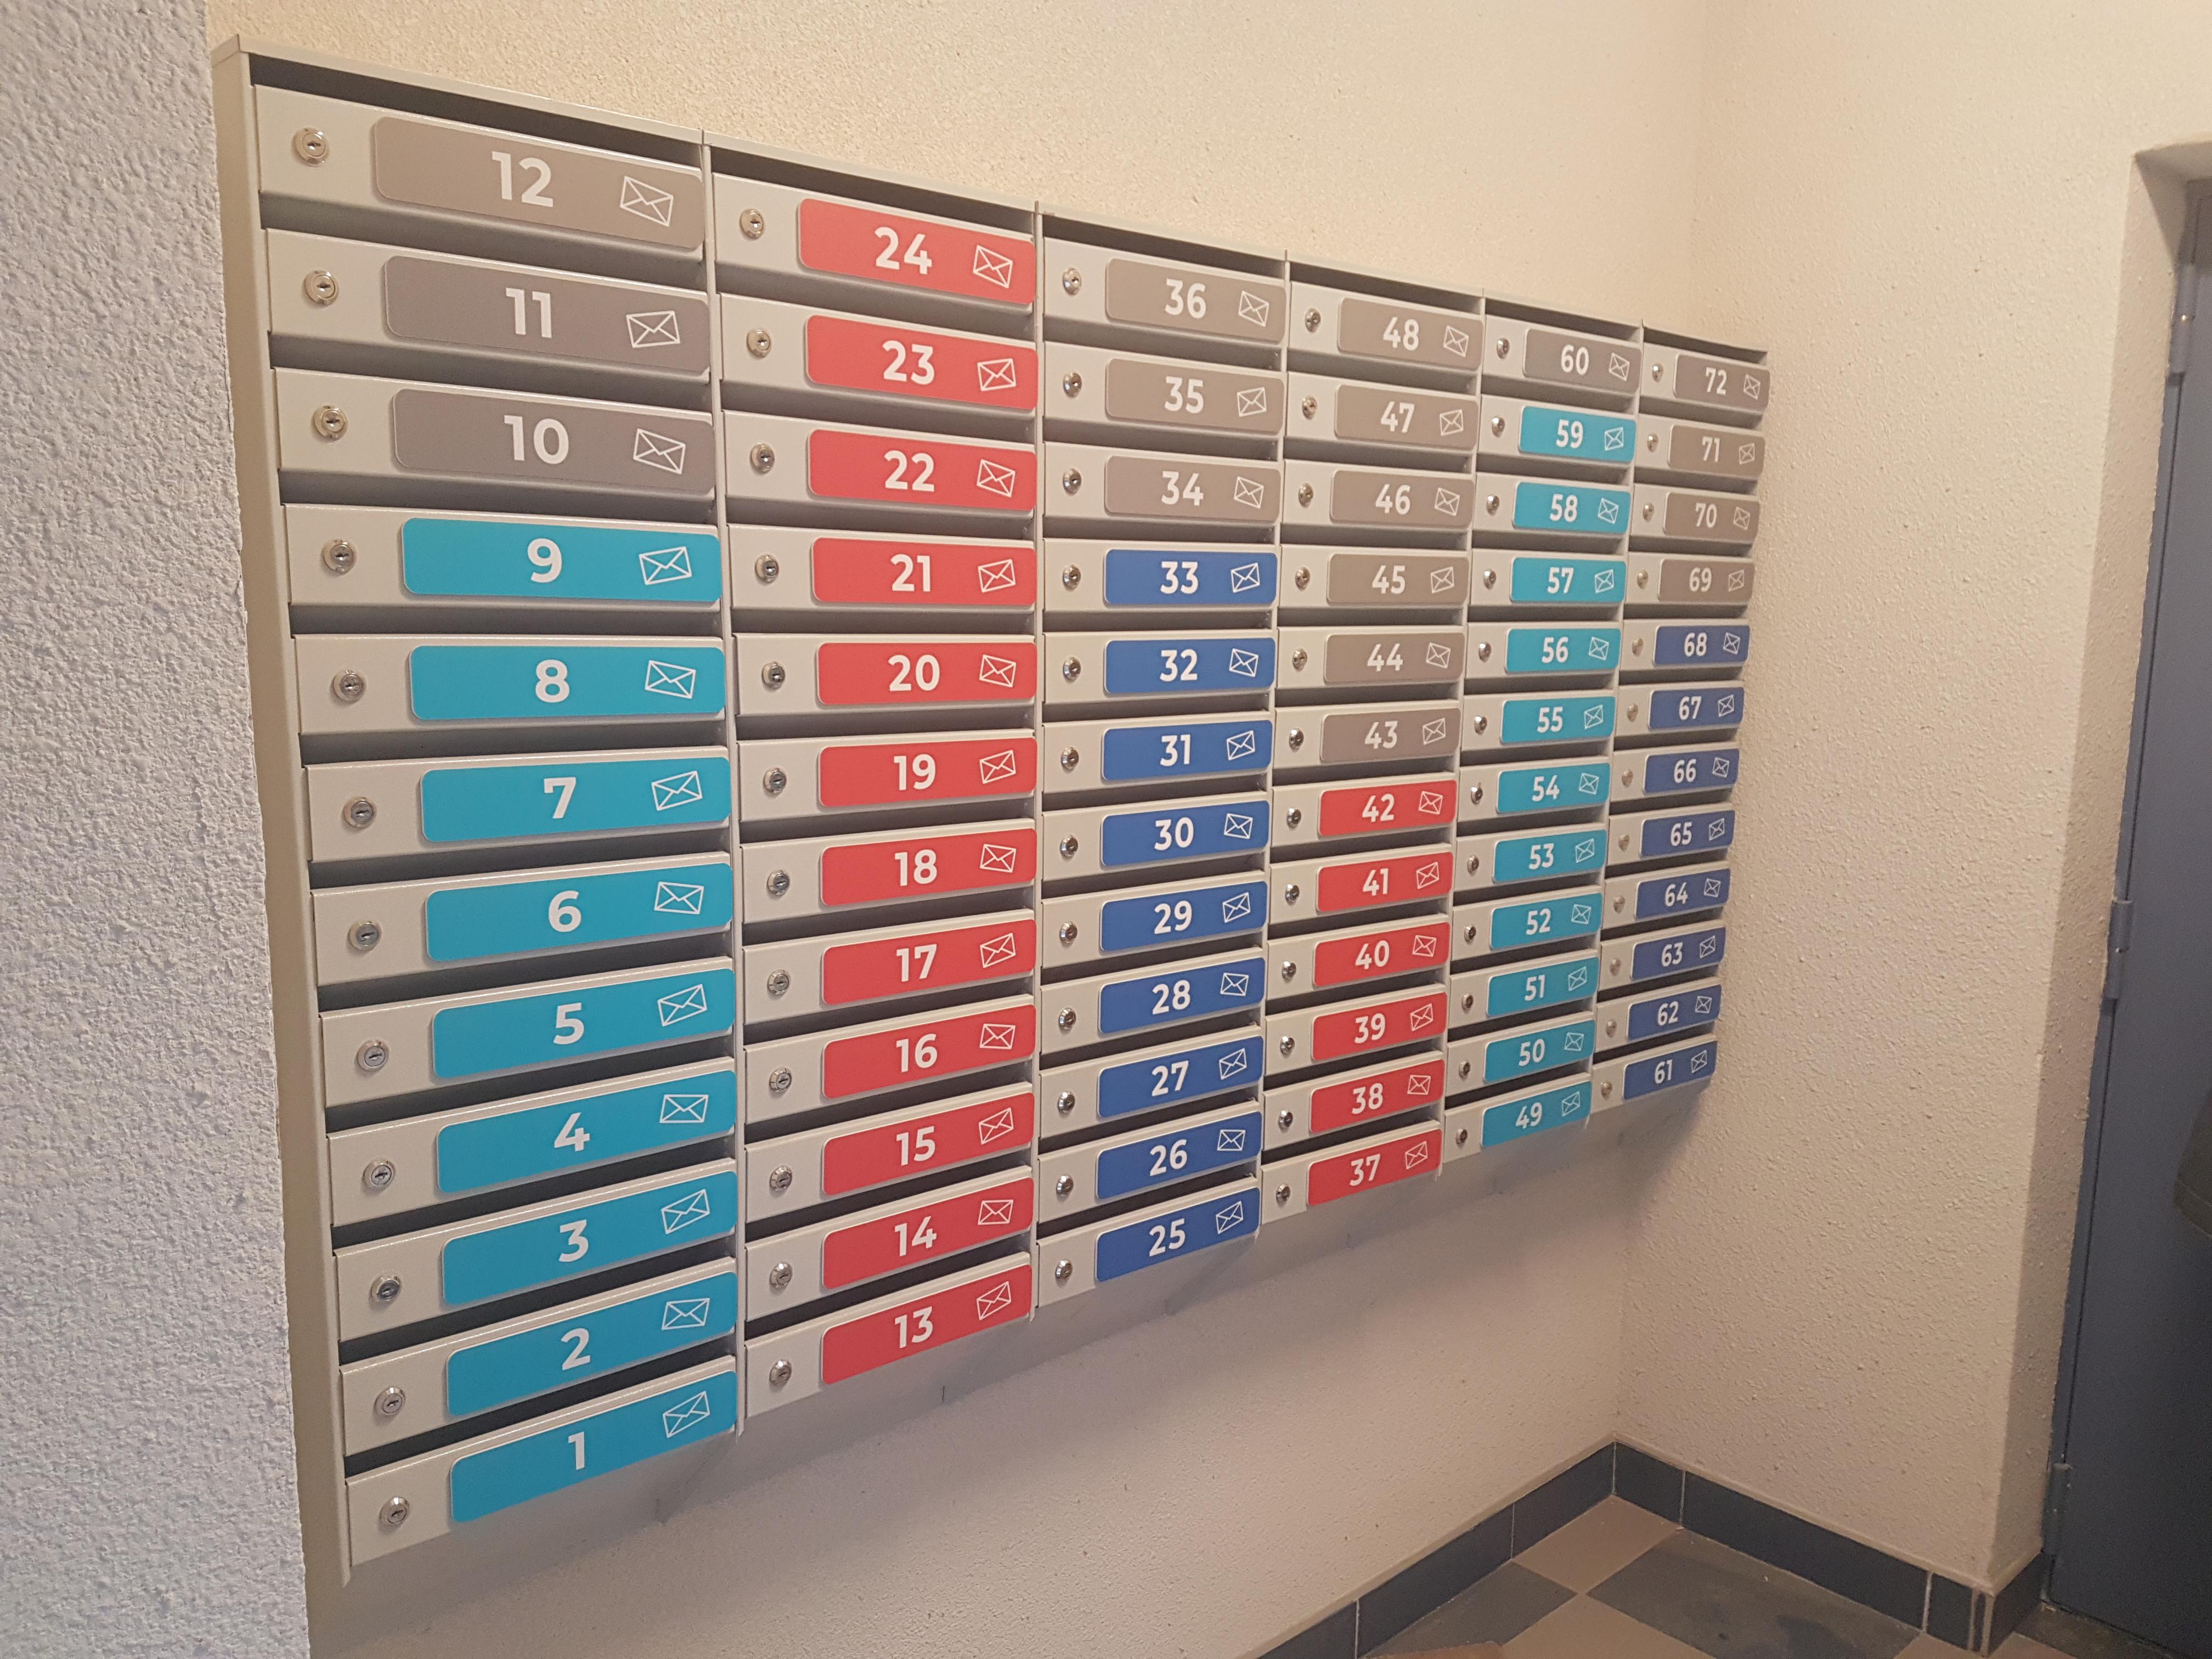 номера на почтовых ящиках в ЖК 'Высота'